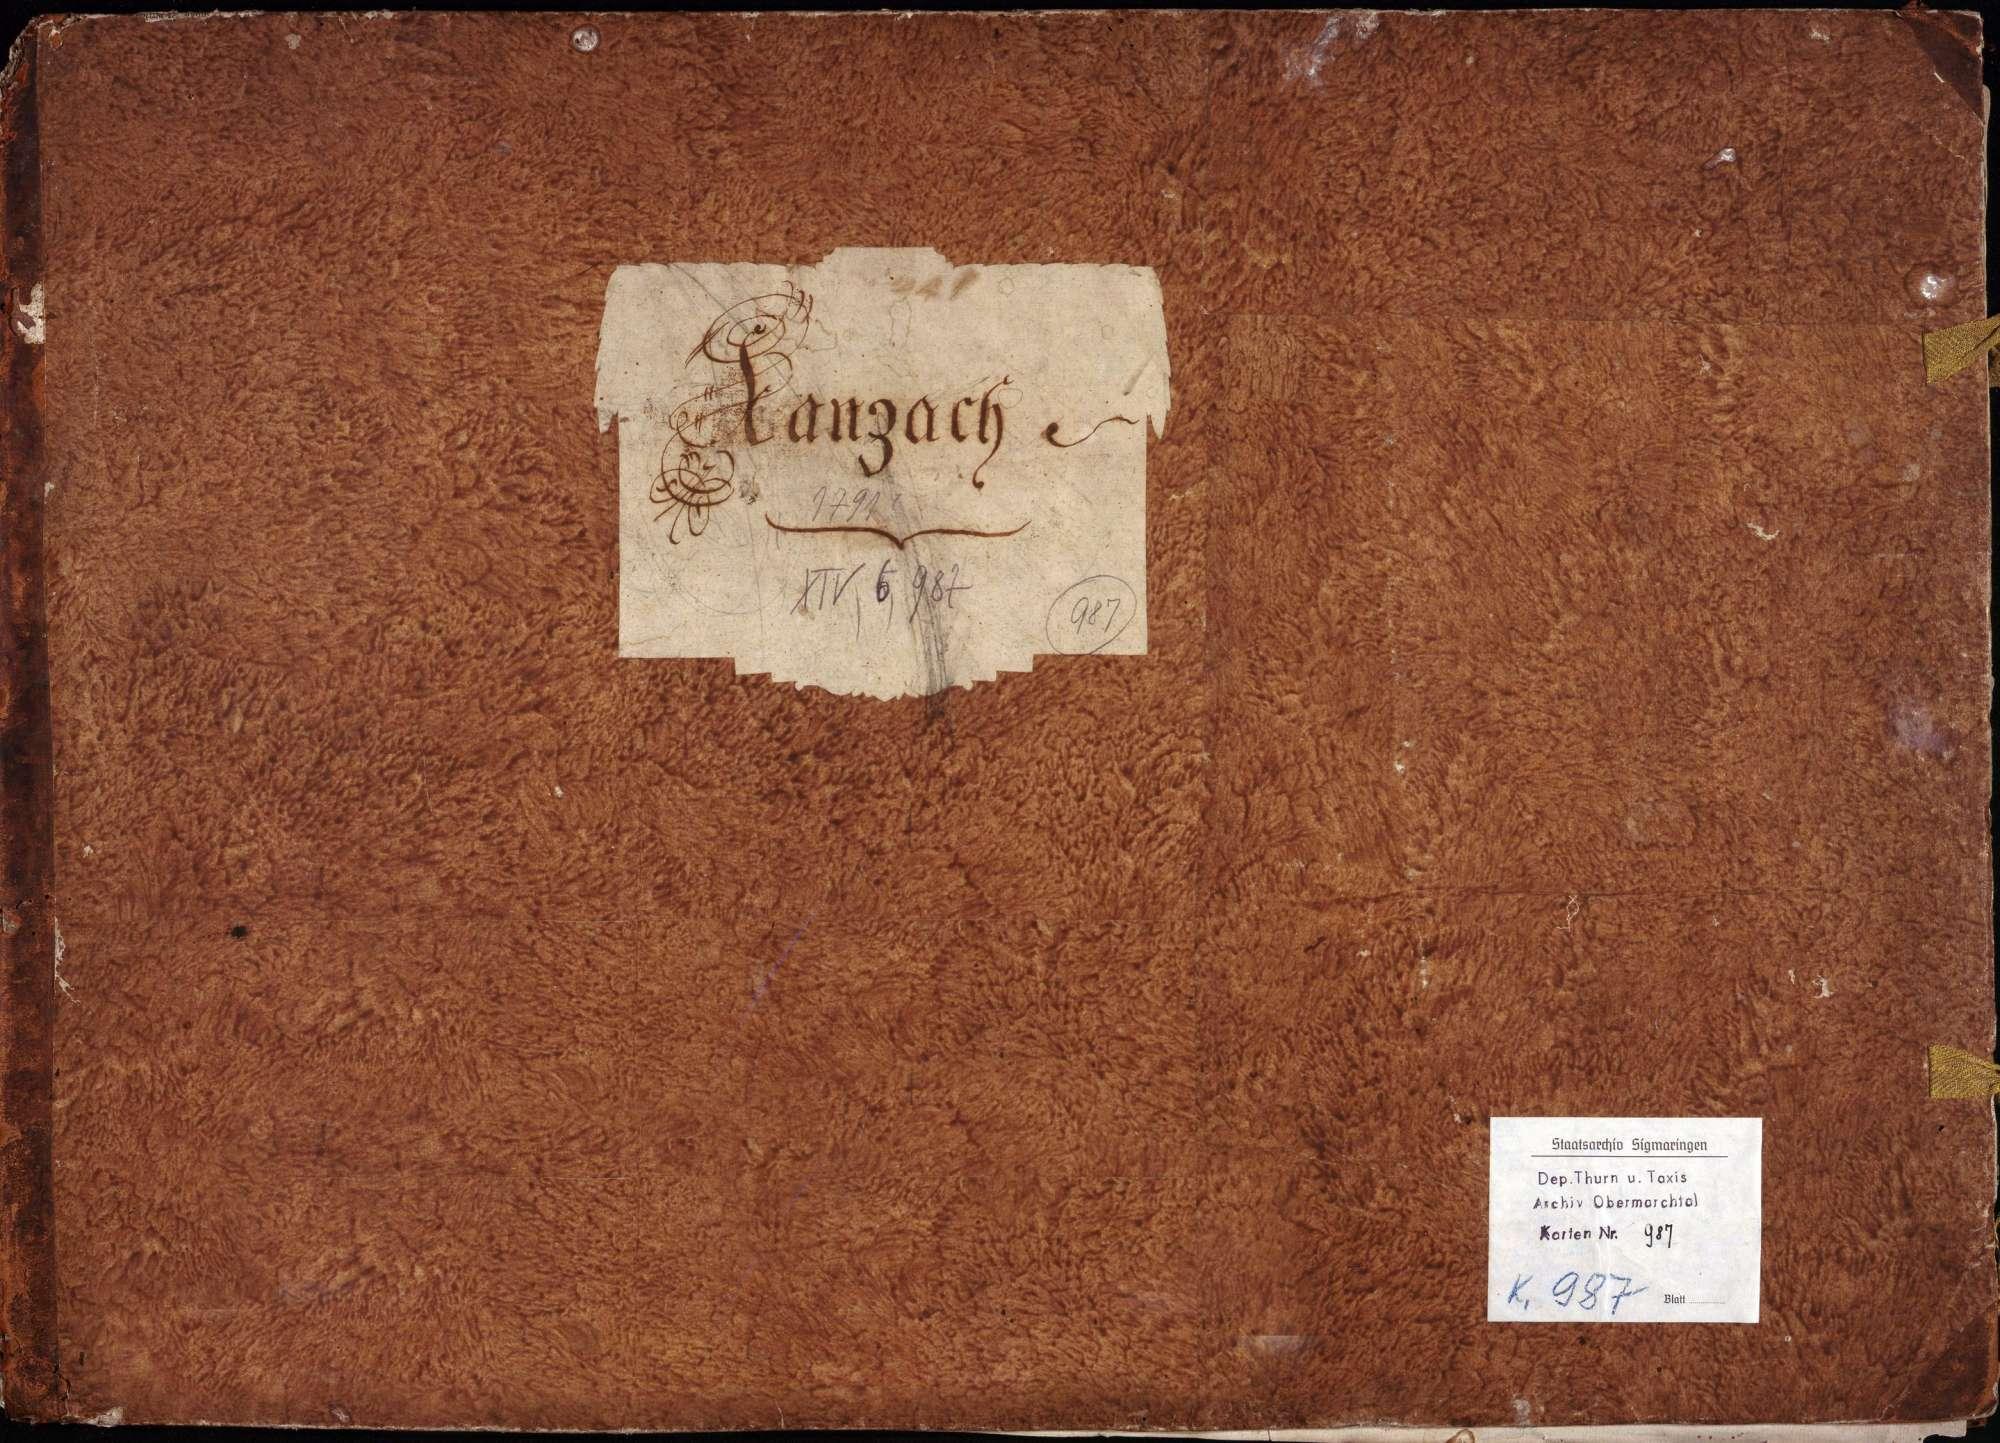 Forst- und Jurisdiktionsbeschreibung von Kanzach 11 Zeichnungen in einer Mappe unterschiedliche Maßstäbe col. handgez., Bild 1